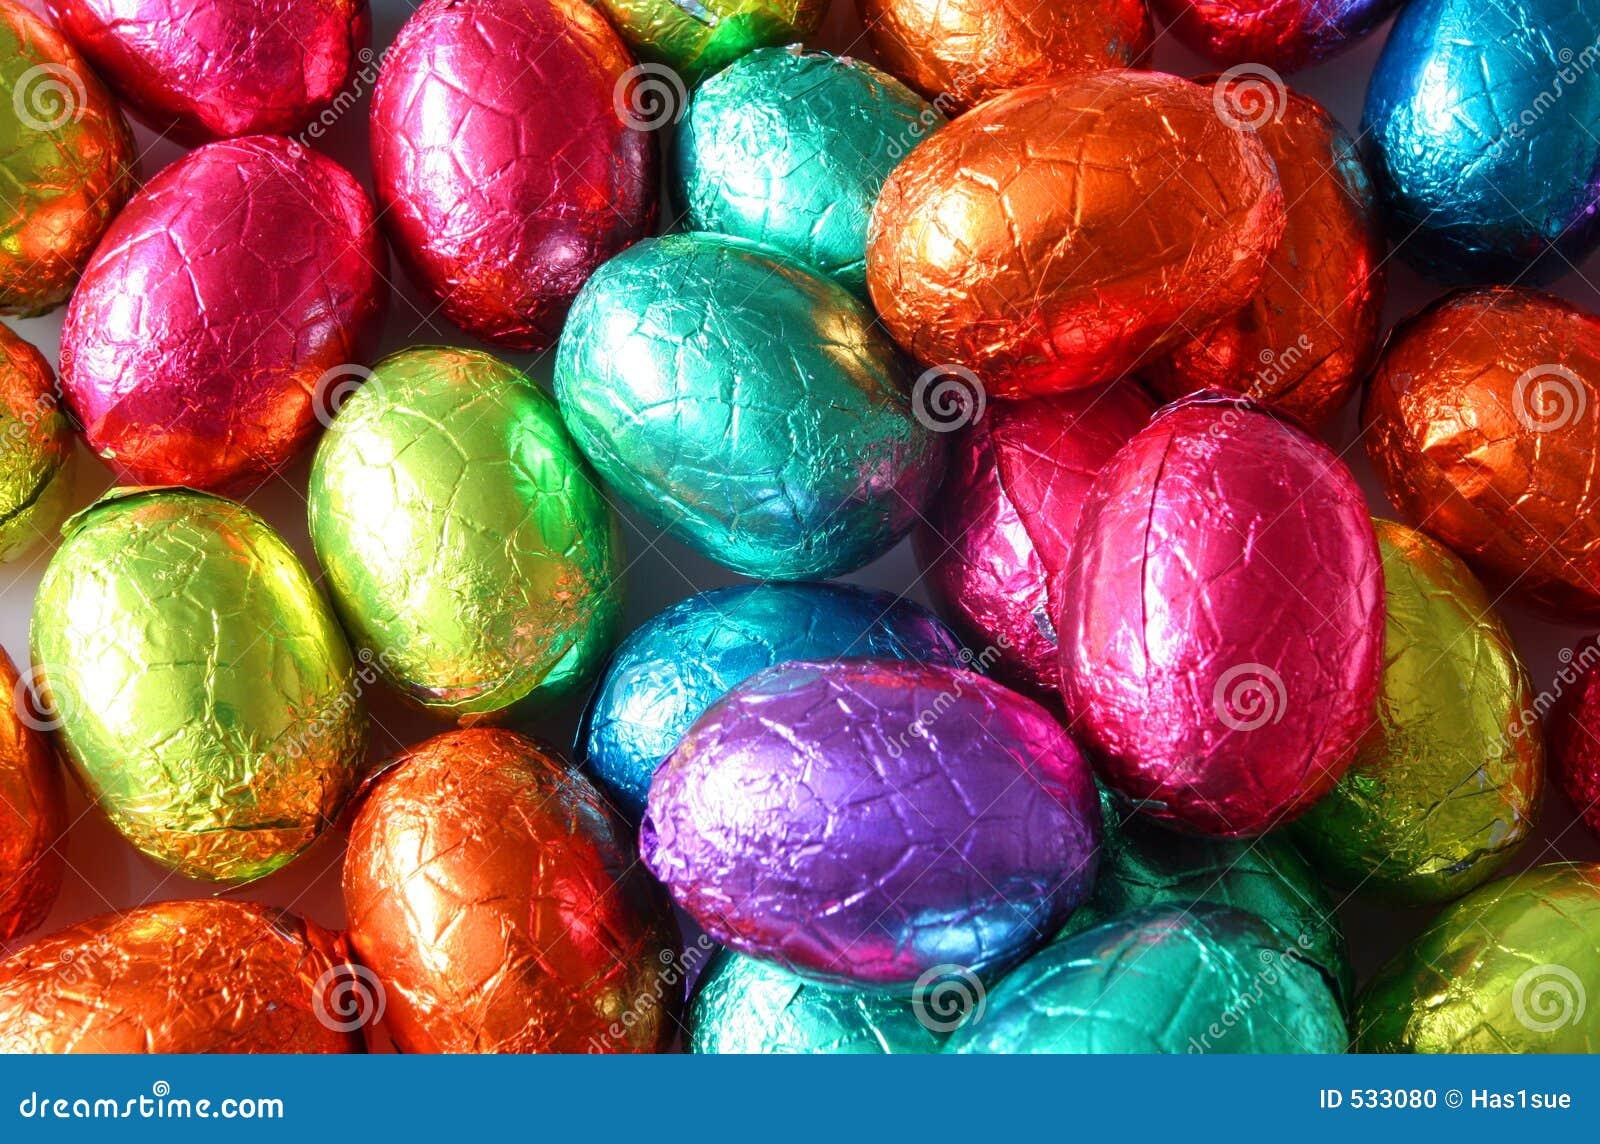 Download 丰盛鸡蛋 库存照片. 图片 包括有 卵形, 复活节, 形状, 鸡蛋, 批次, 抽象, 颜色 - 533080